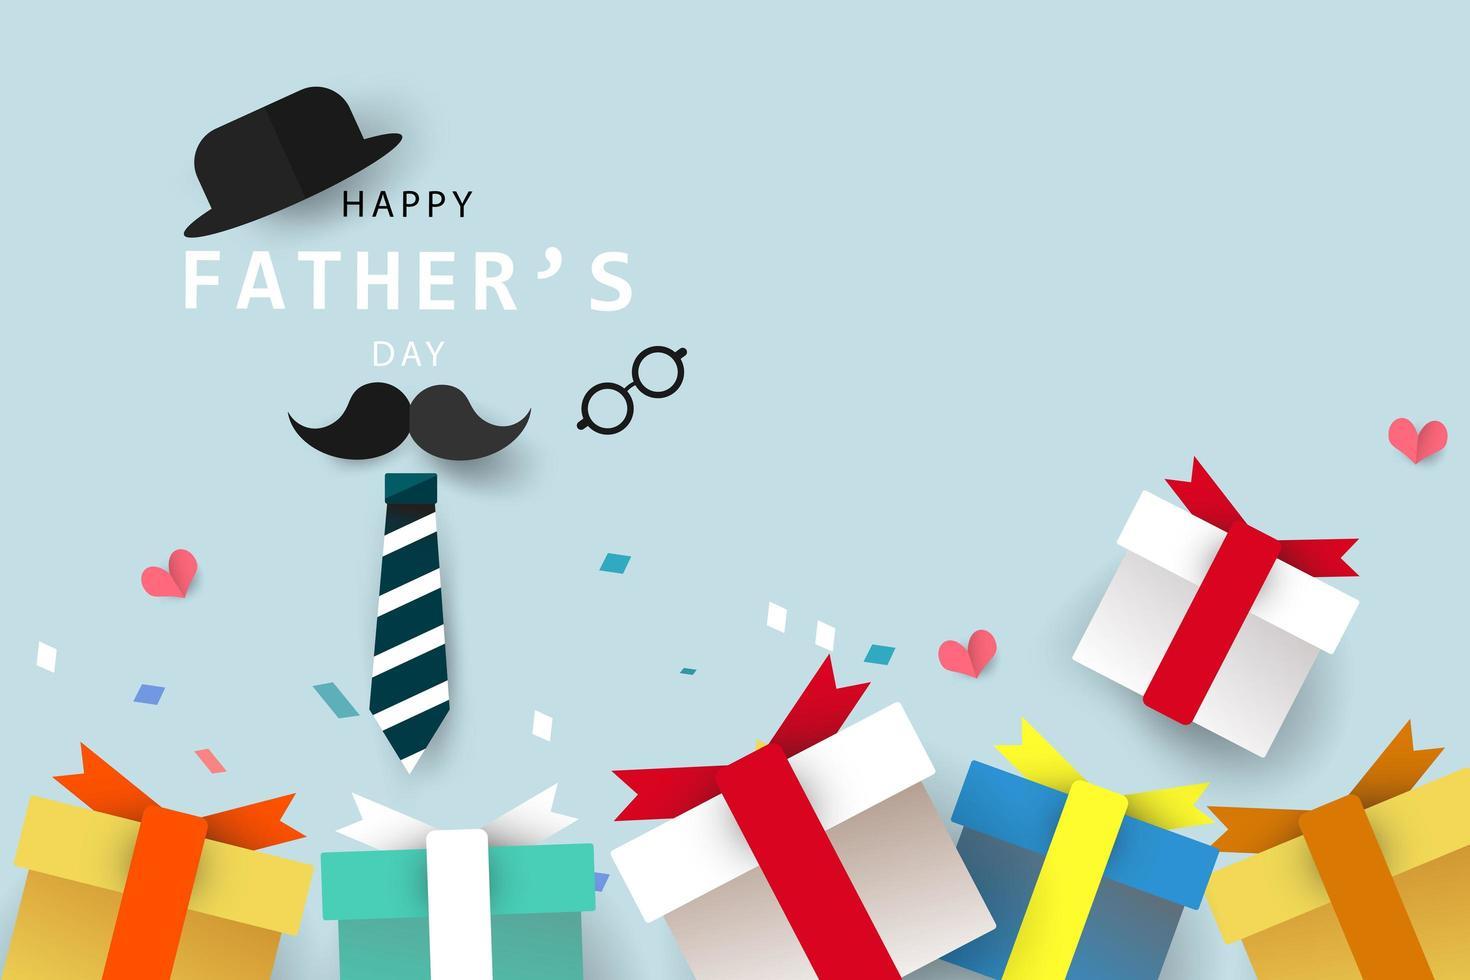 Bannière et fond de carte de voeux bonne fête des pères vecteur